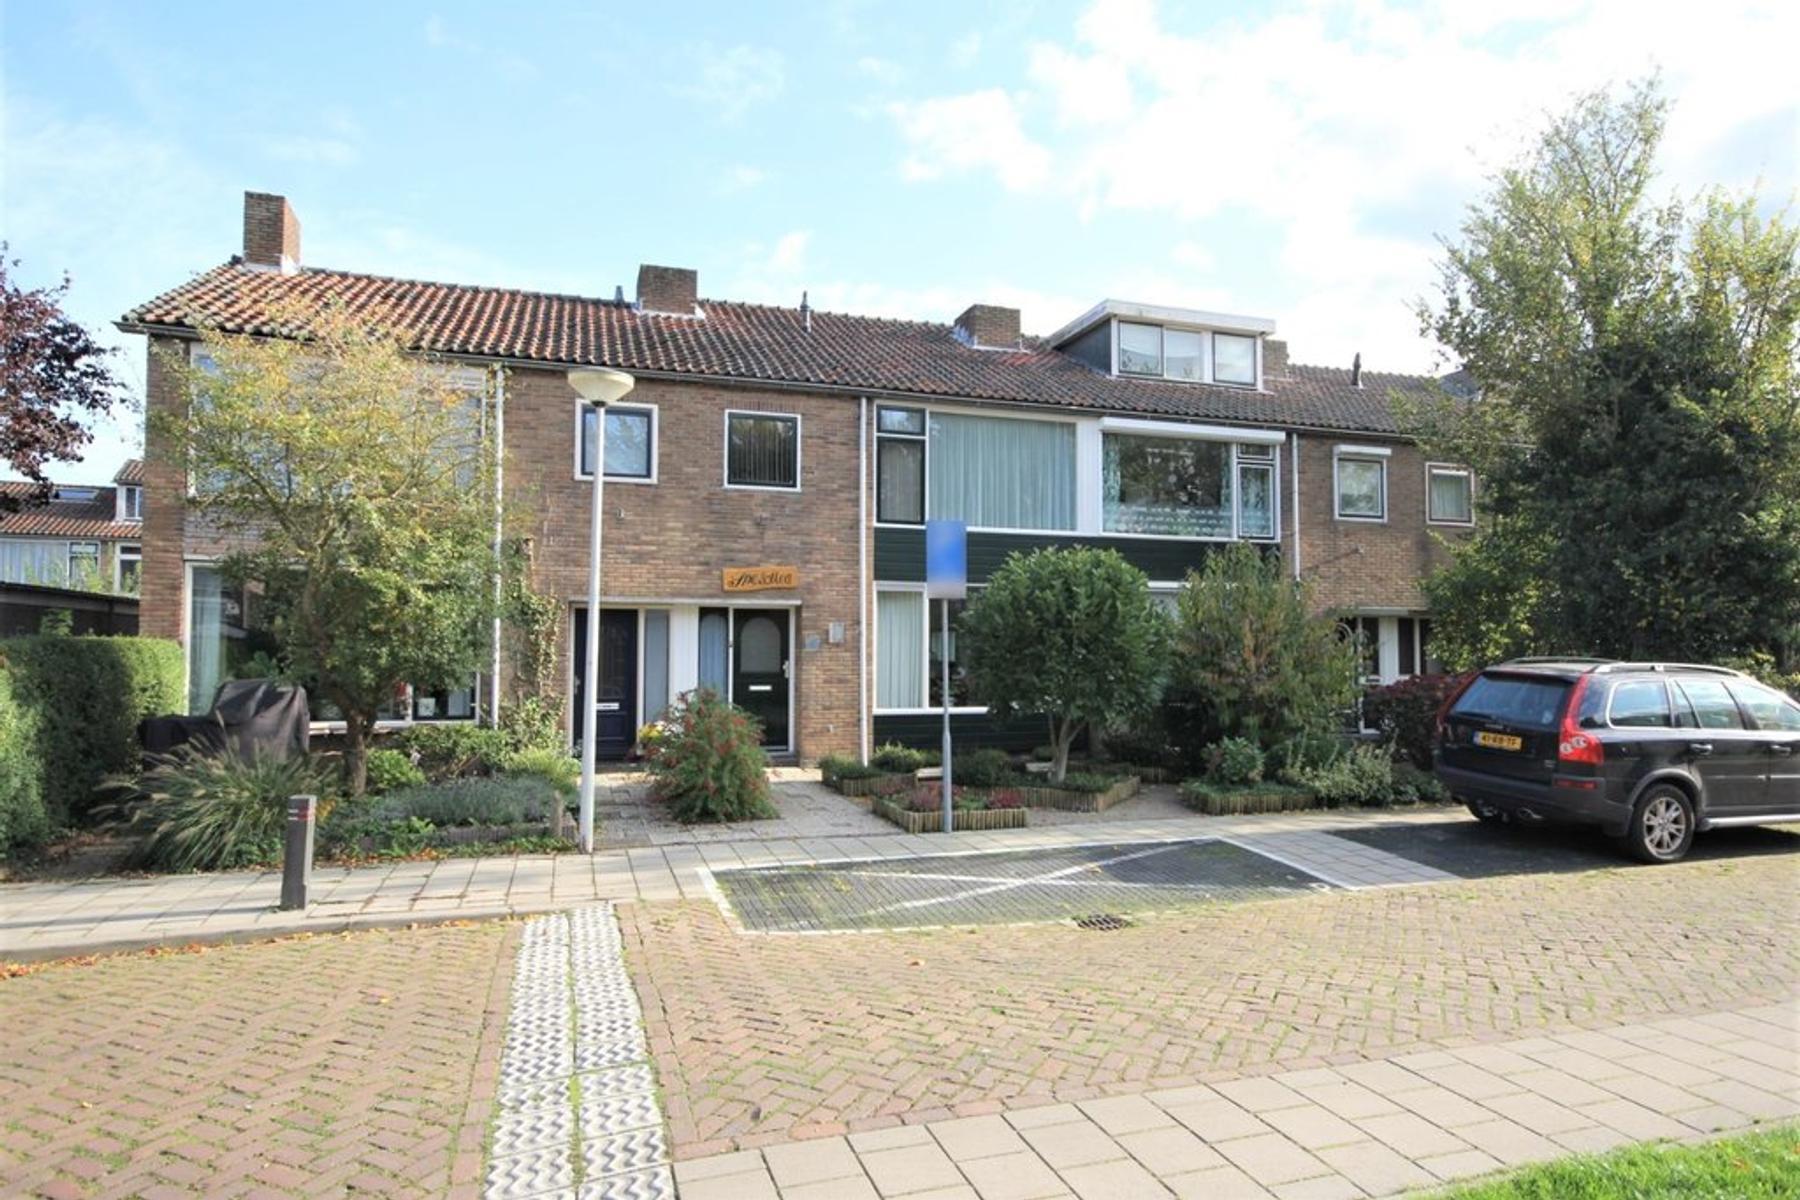 Justus Van Effenstraat 3 in Papendrecht 3351 GL